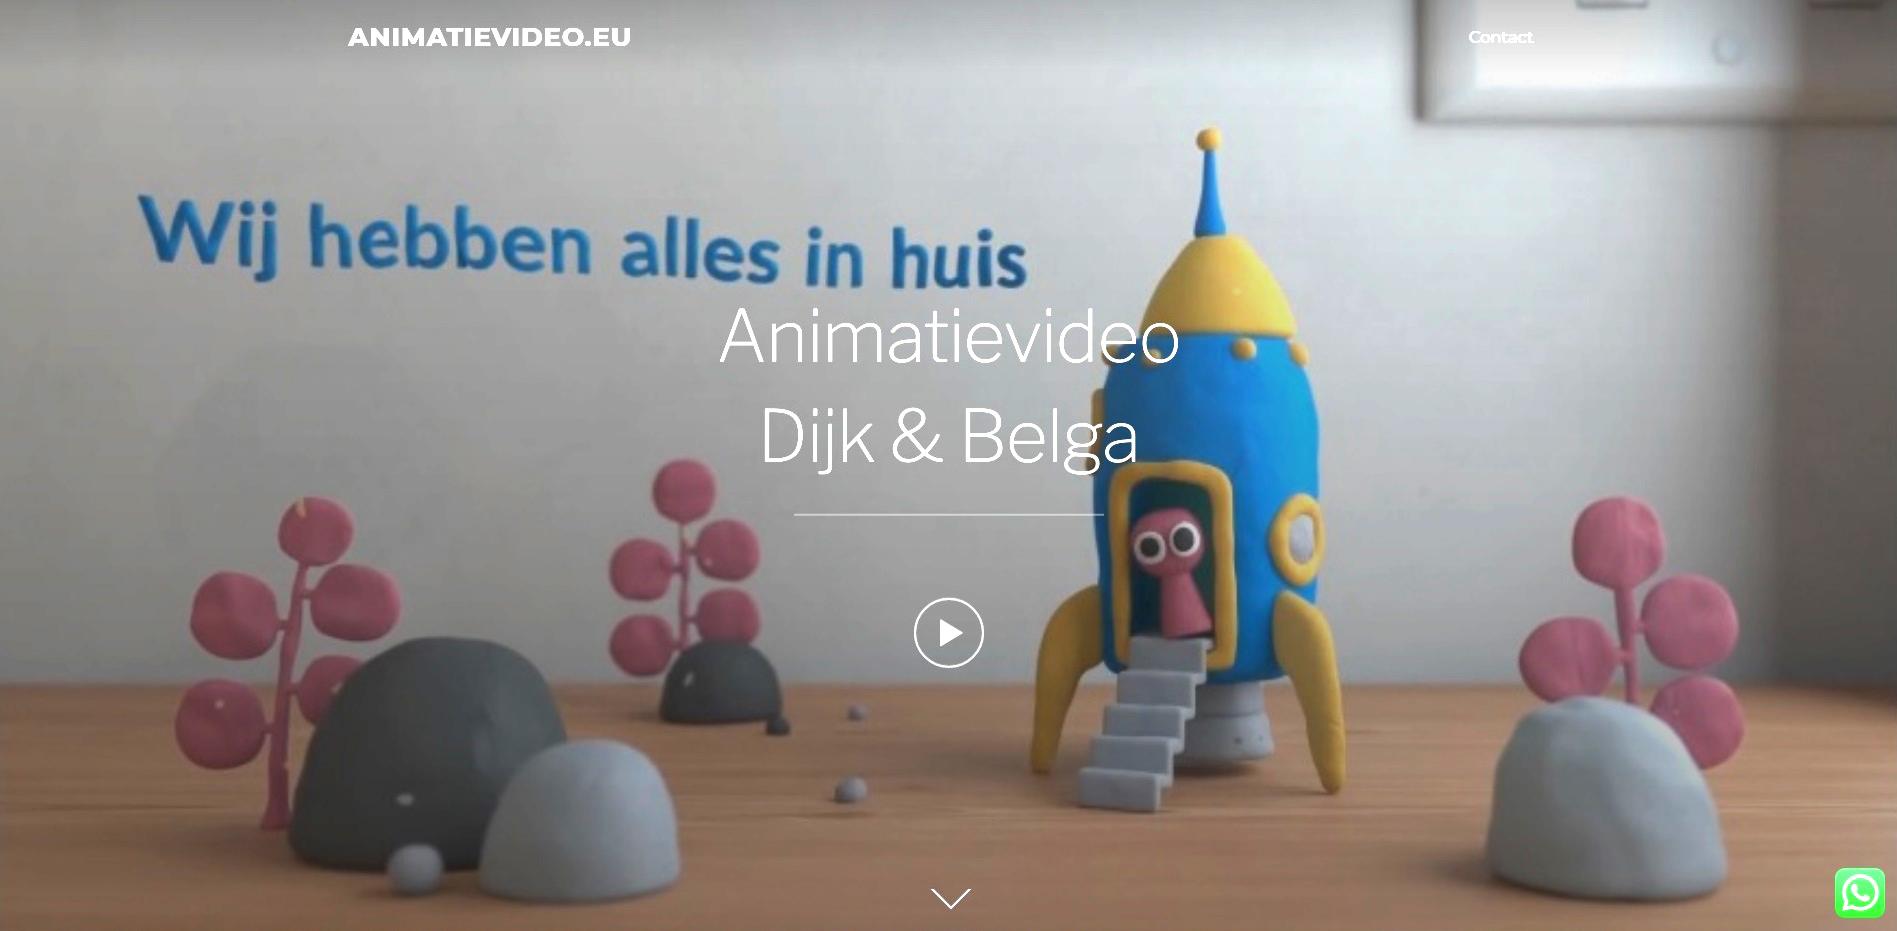 Afbeelding van de website Animatievideo.eu